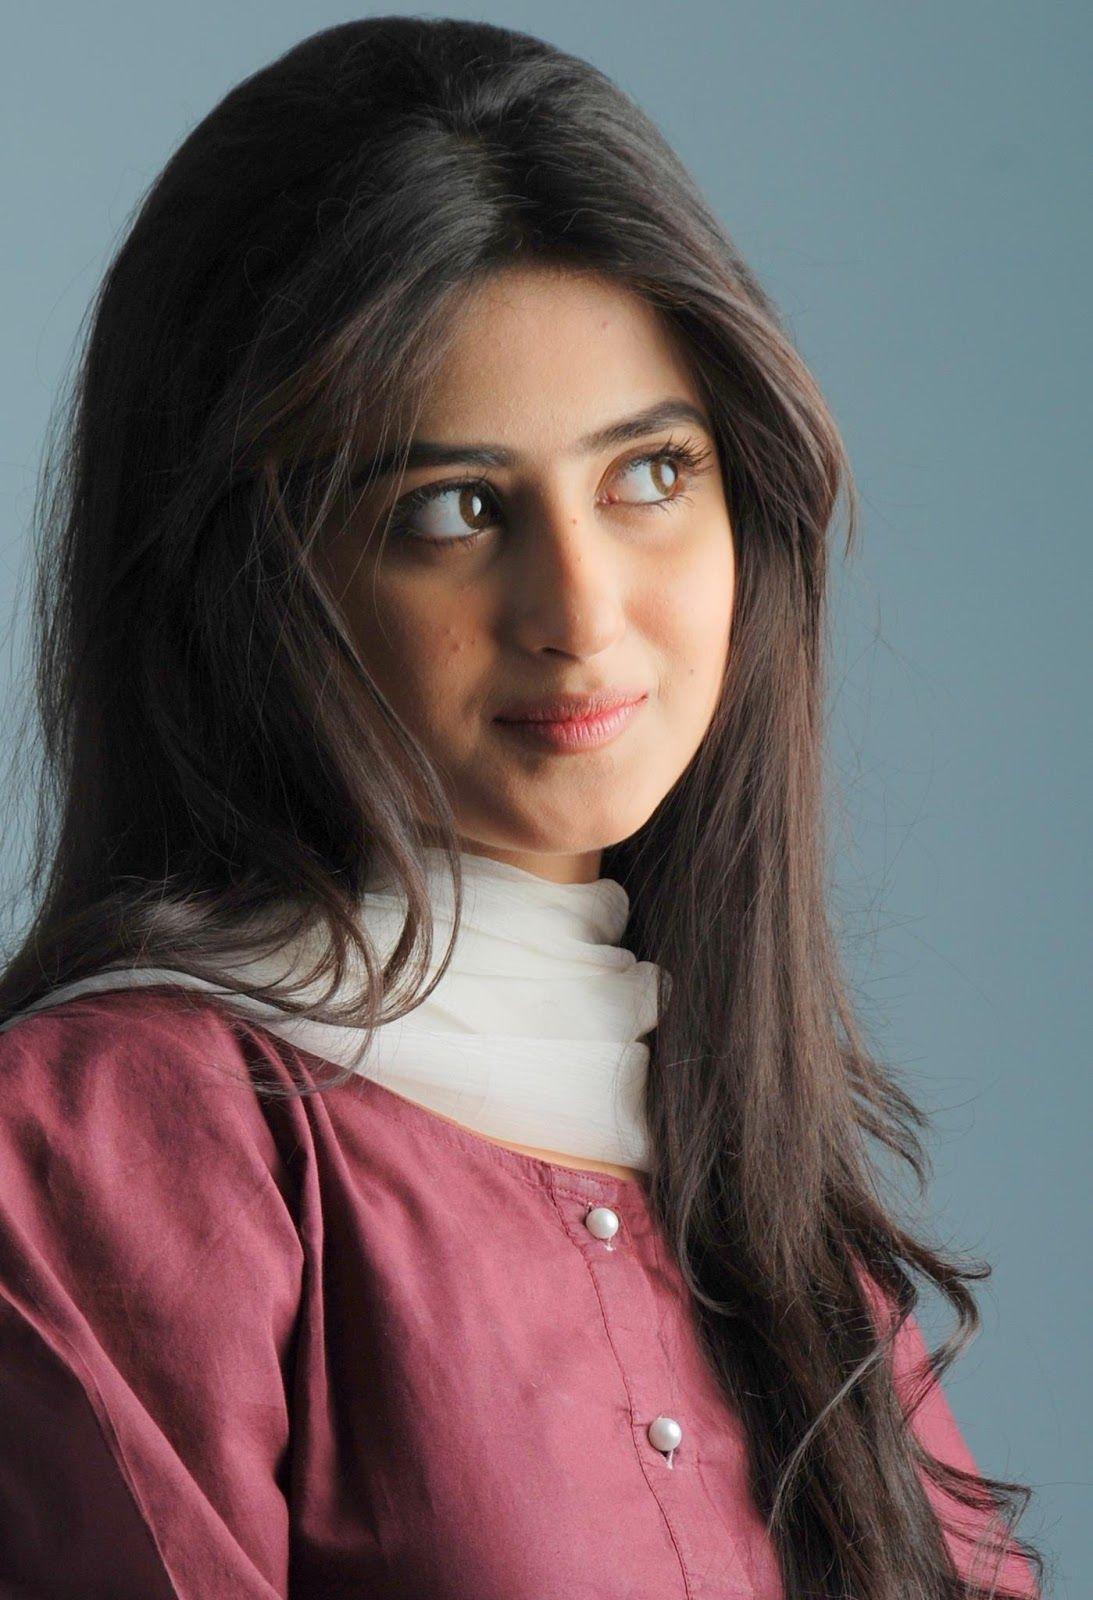 pakistani drama actress hot images